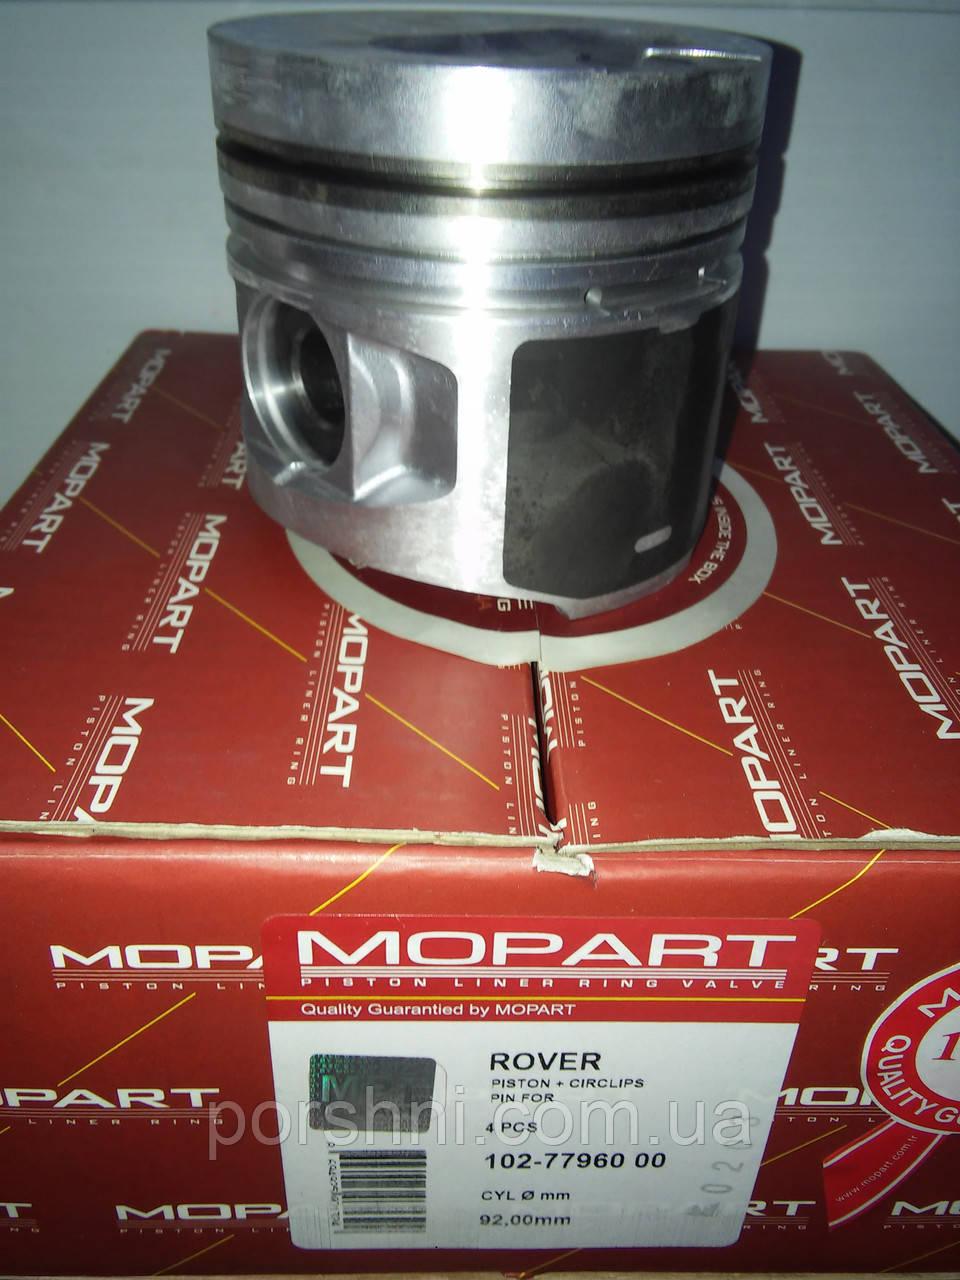 Поршневая  92 STD   Scorpio 2,5 TD. Дв. АLFA   VM. ( 2.5 х 2 х 4 ) Mopart 779600